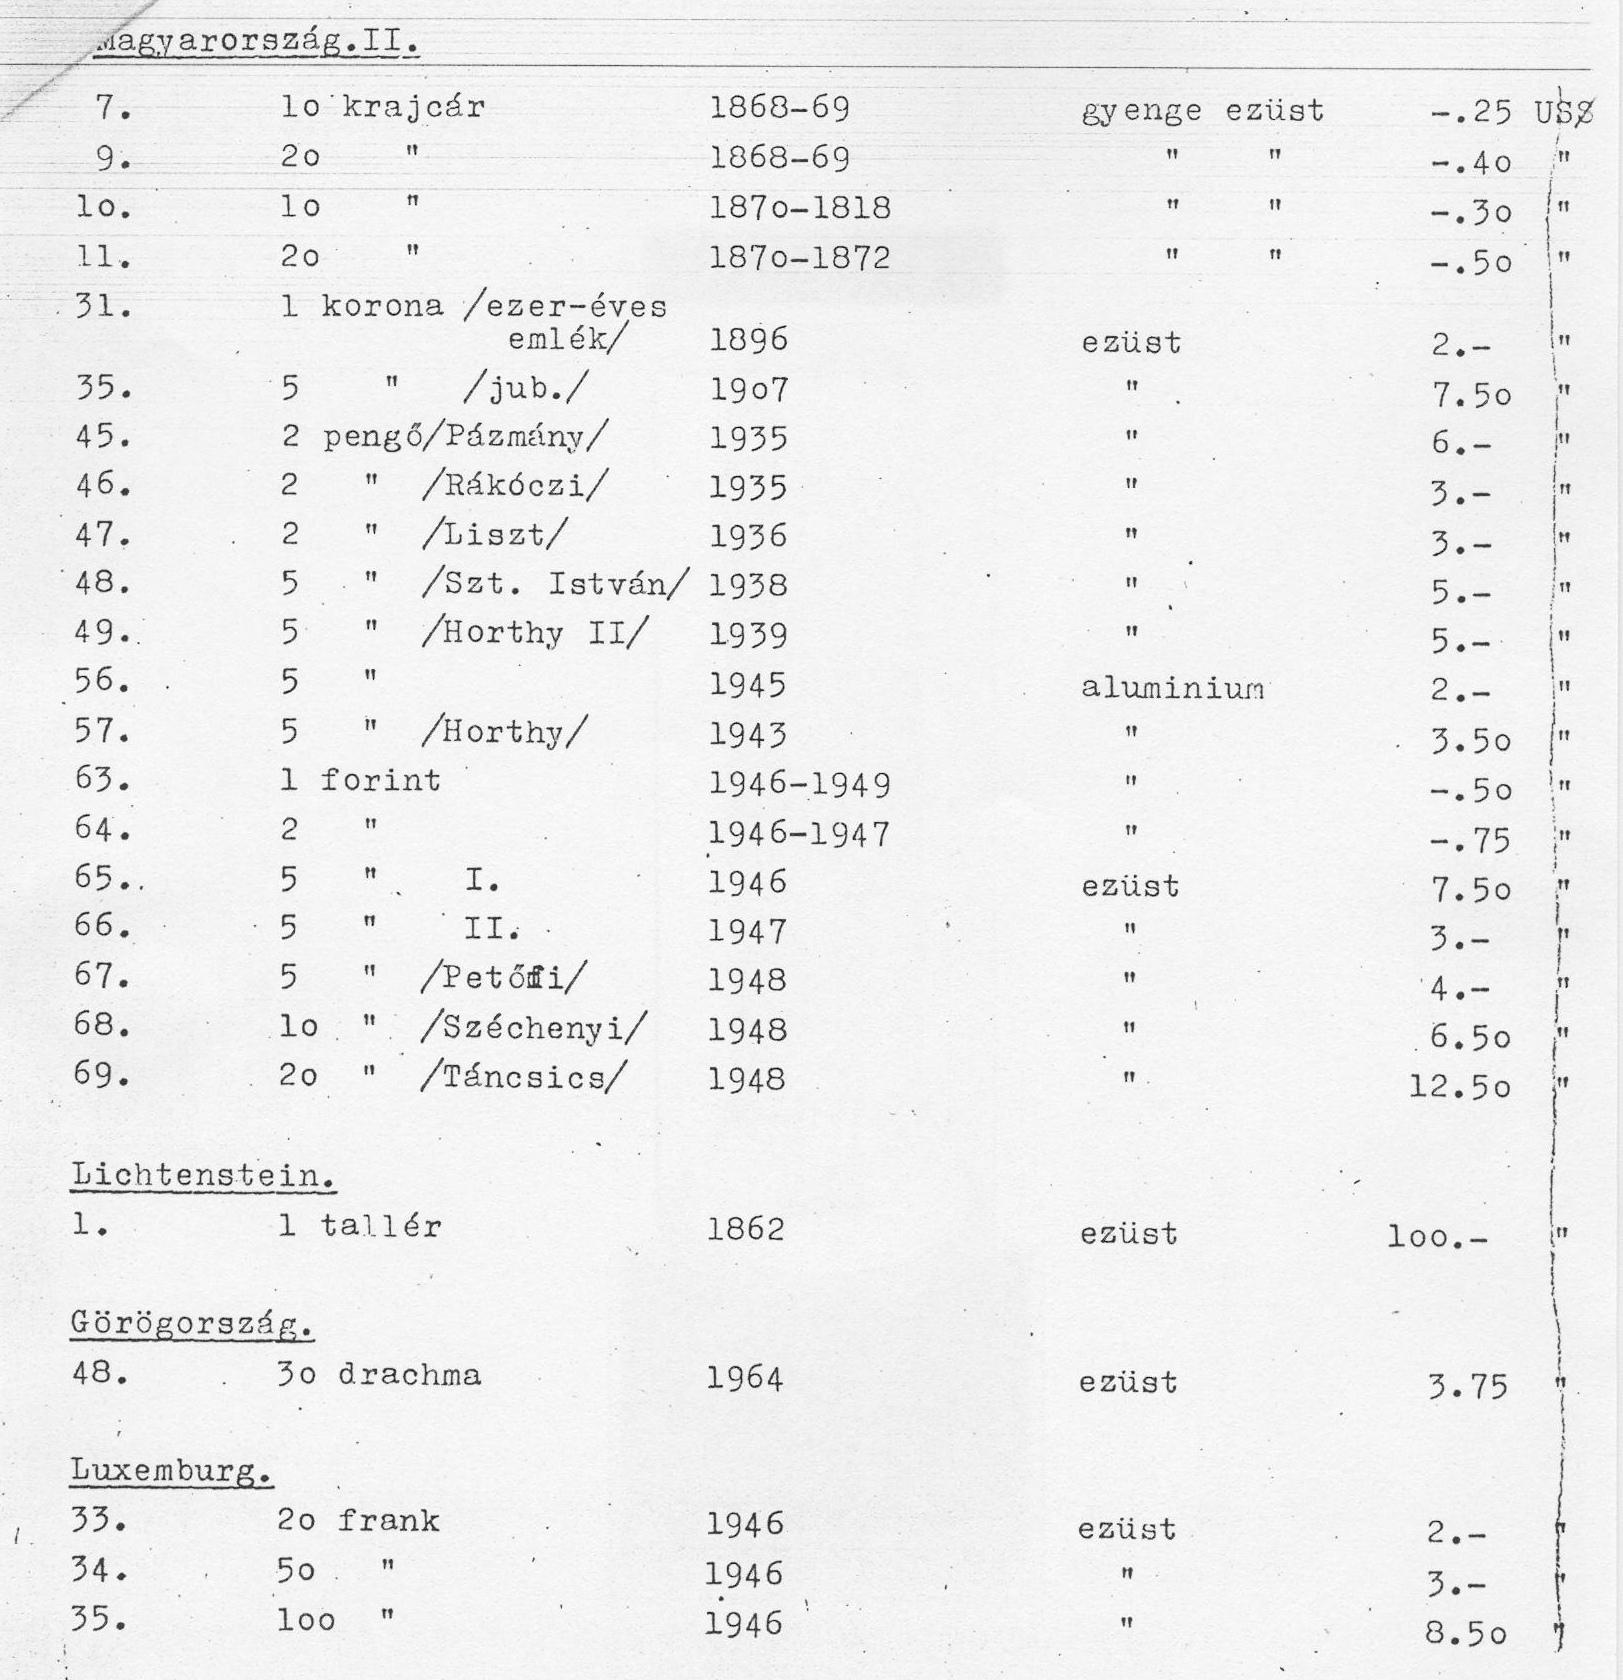 http://www.artexveret.hu/iratok-ujsagok/utanvert-ermek-arlistaja-yeoman-catalog2.jpg